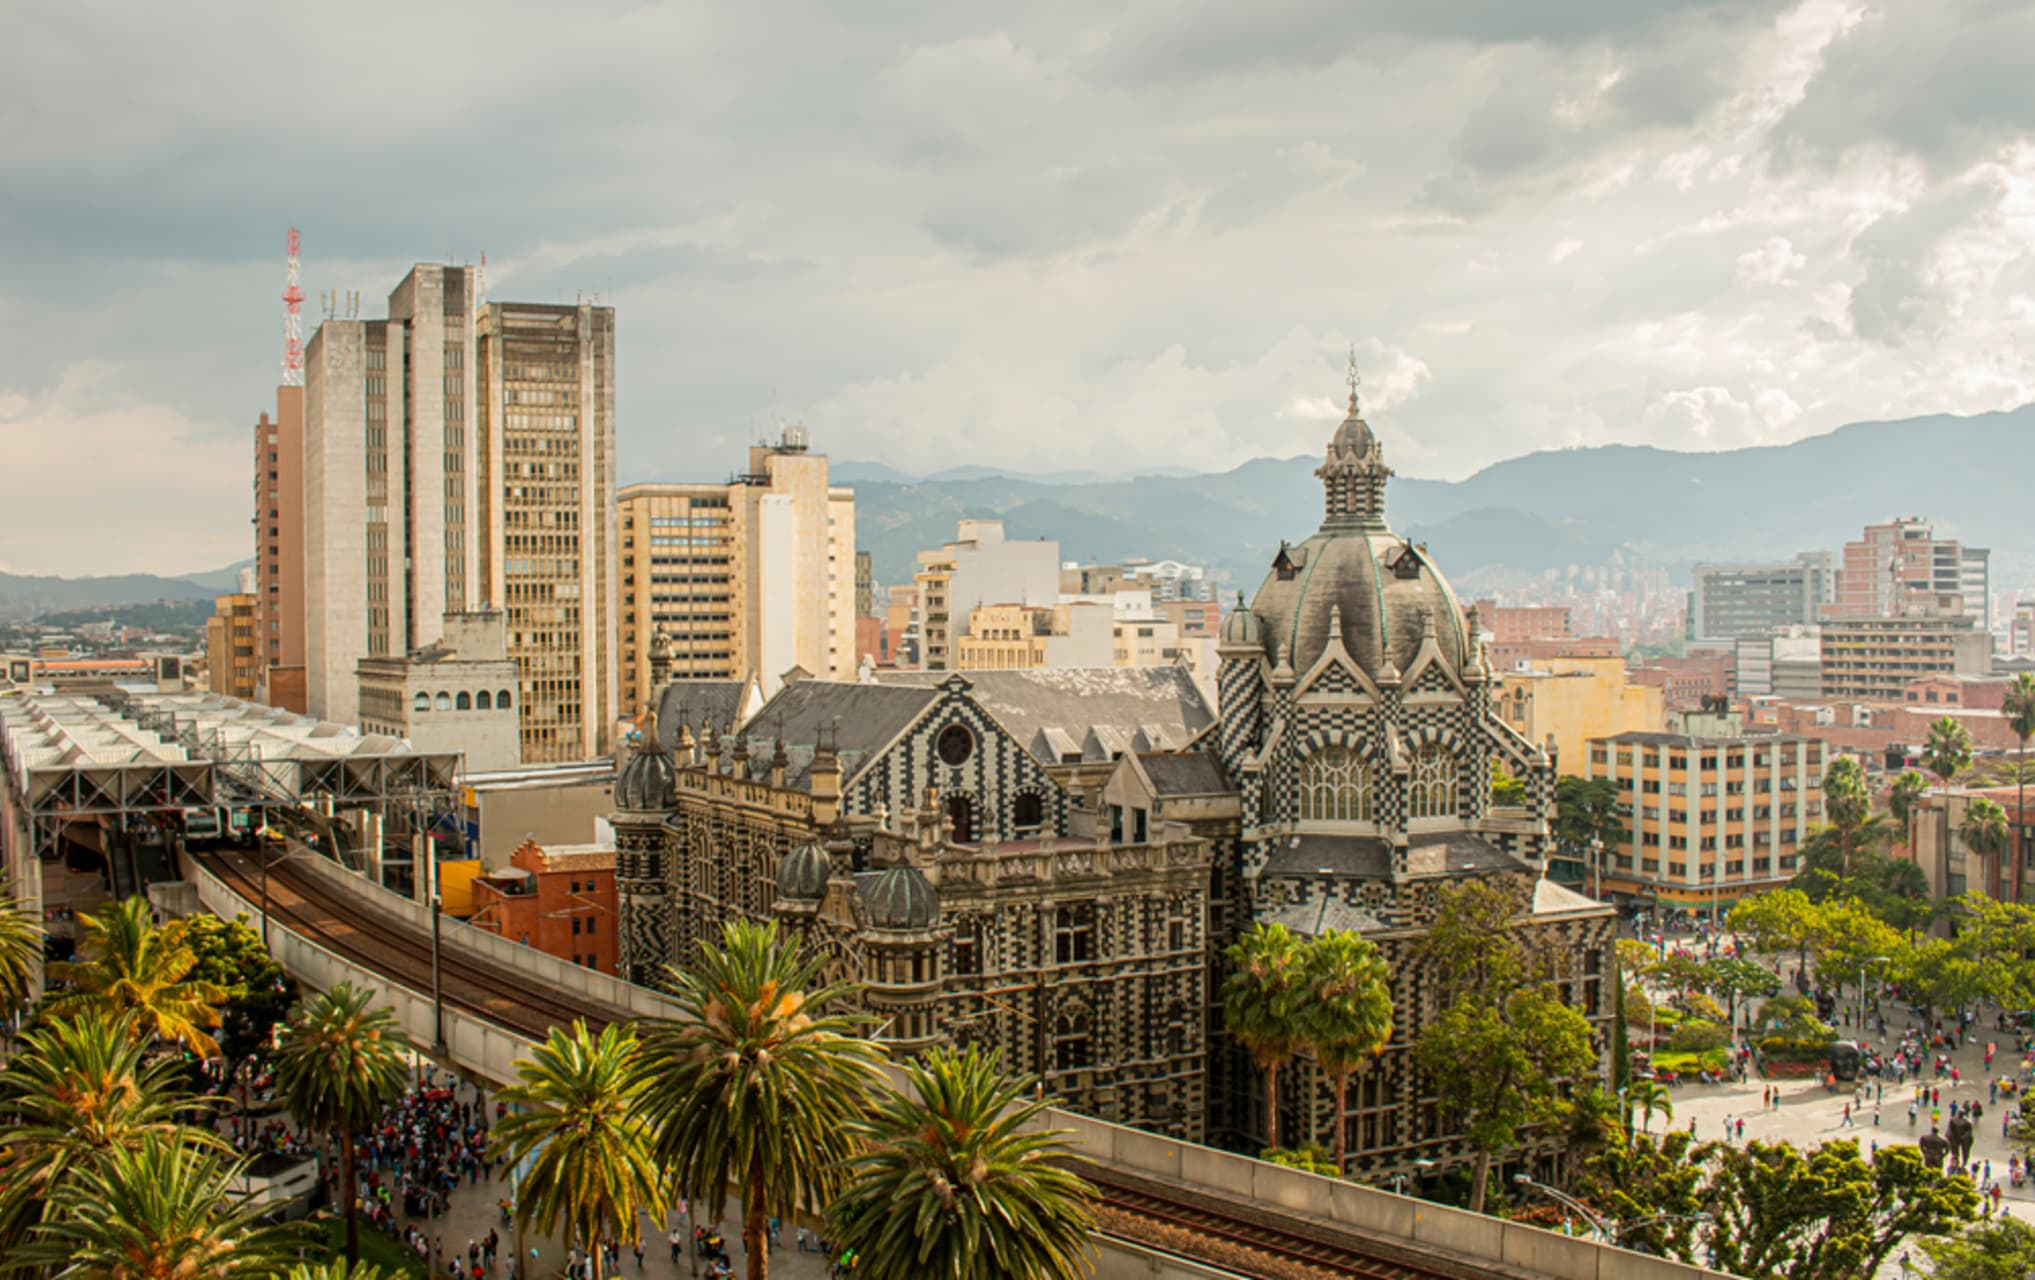 Medellín - Hustle and Bustle tour around Medellín Downtown